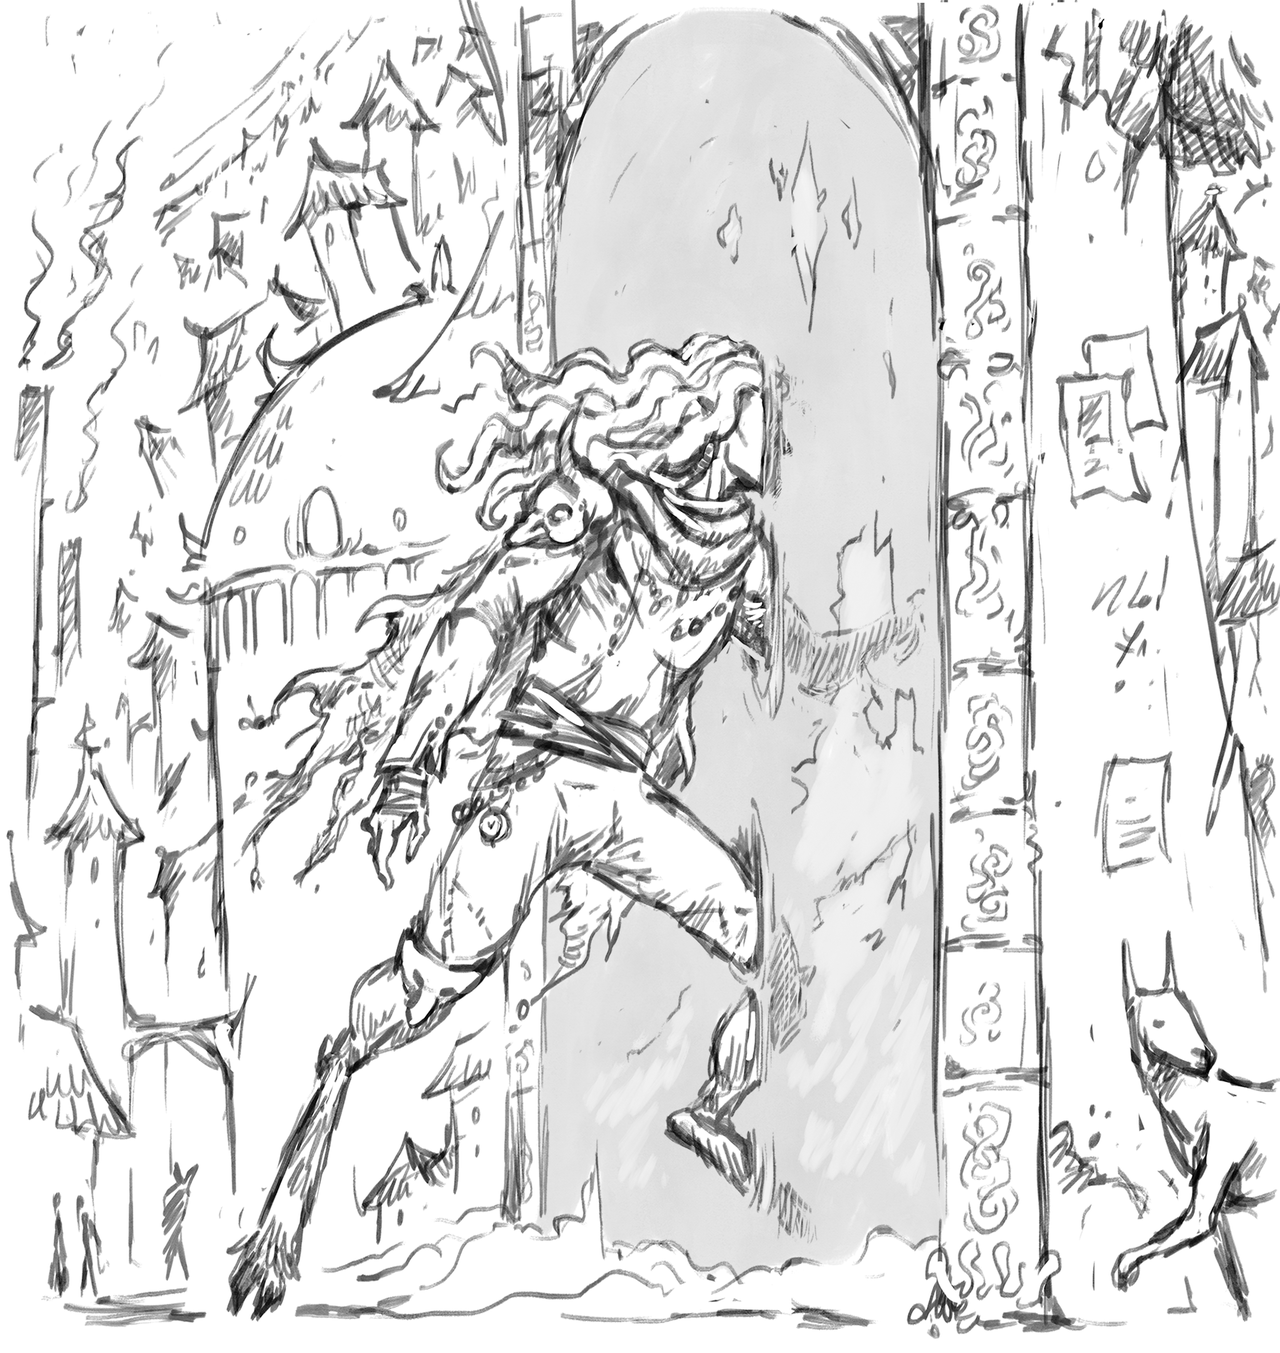 """saintrabouin Scara Mouche """"Follow Me!"""", un salto in un portale di Sigil - by Baptiste (Scara Mouche) saintrabouin.tumblr.com (2018-12) © dell'autore tutti i diritti riservati"""